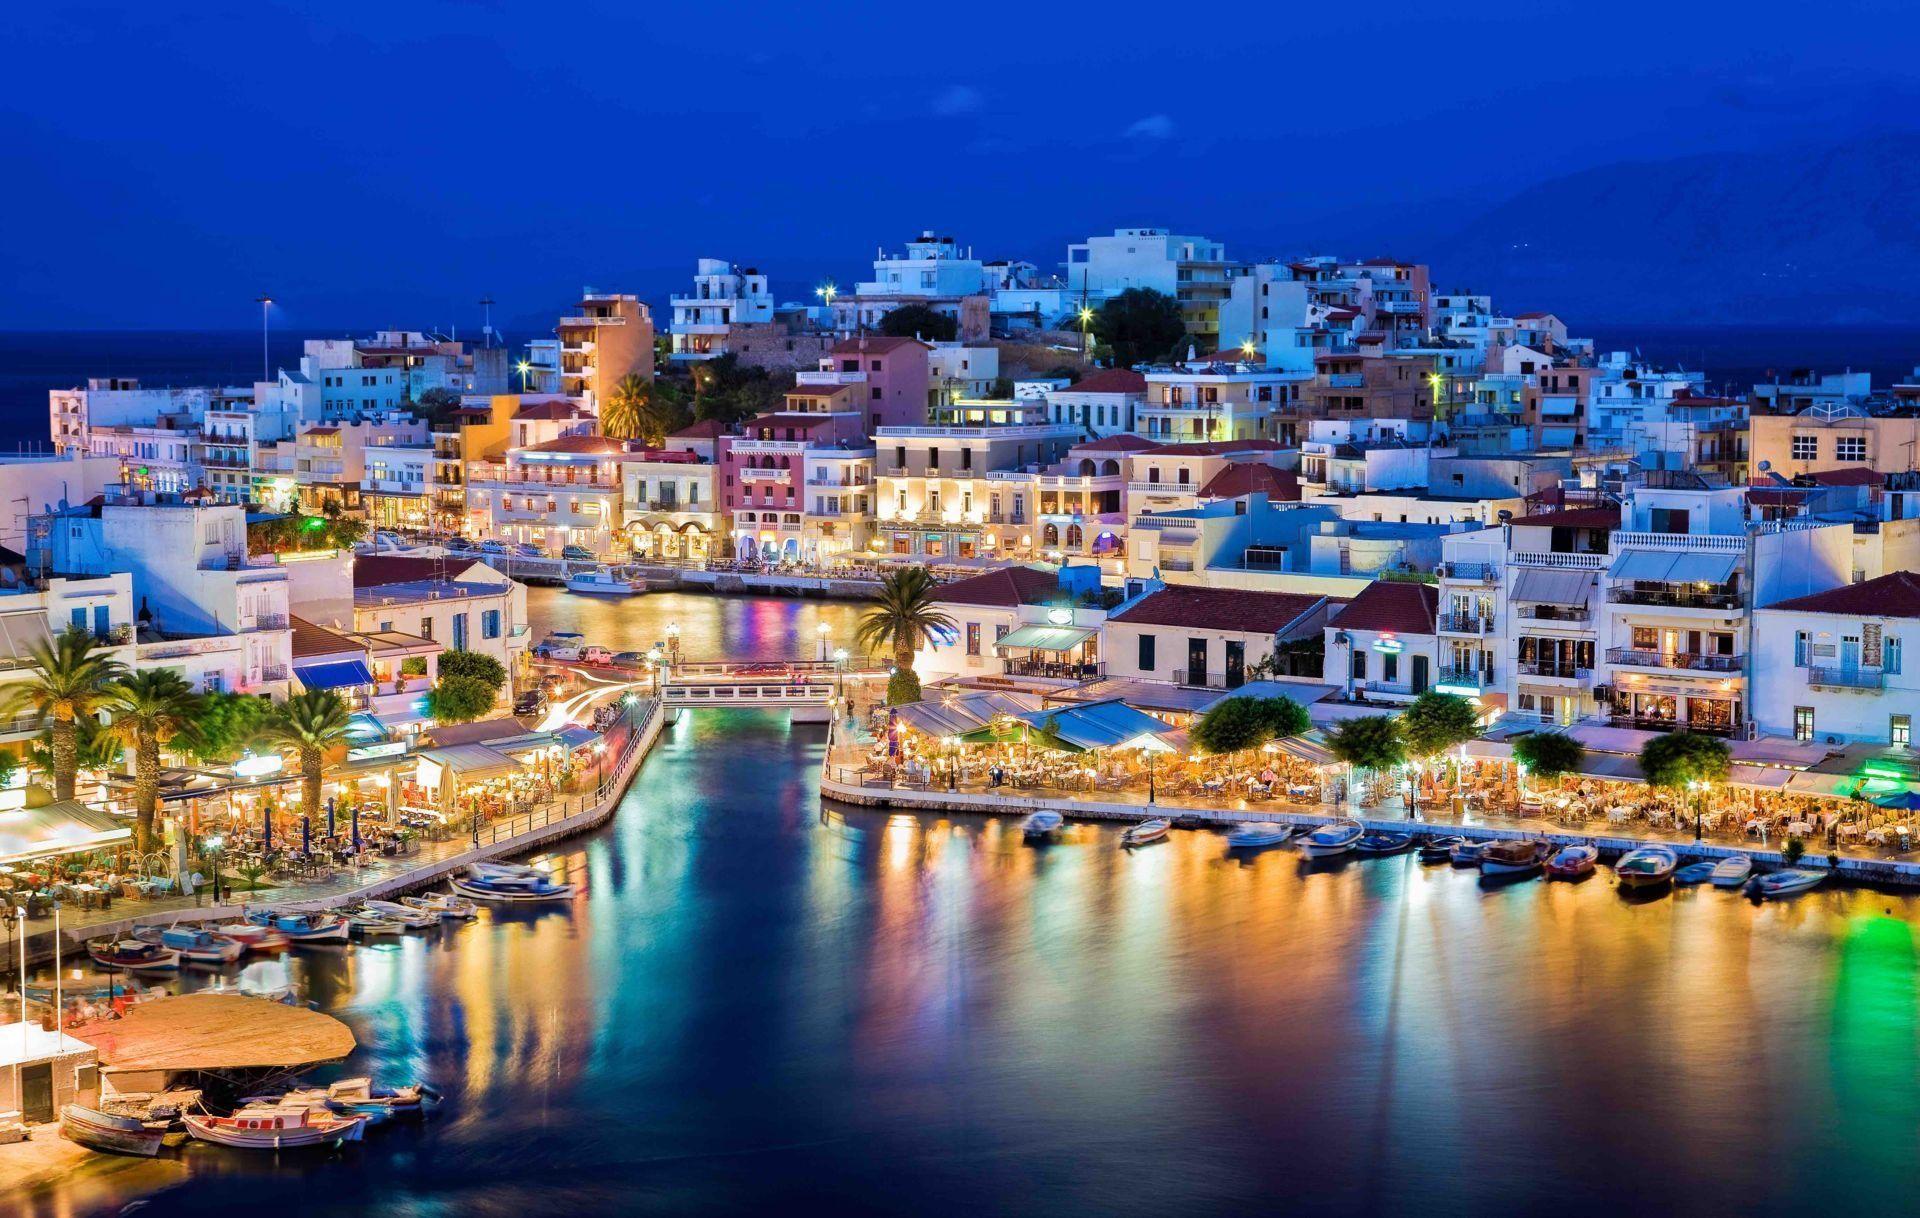 st-nikolaos-crete-greece-sotheby